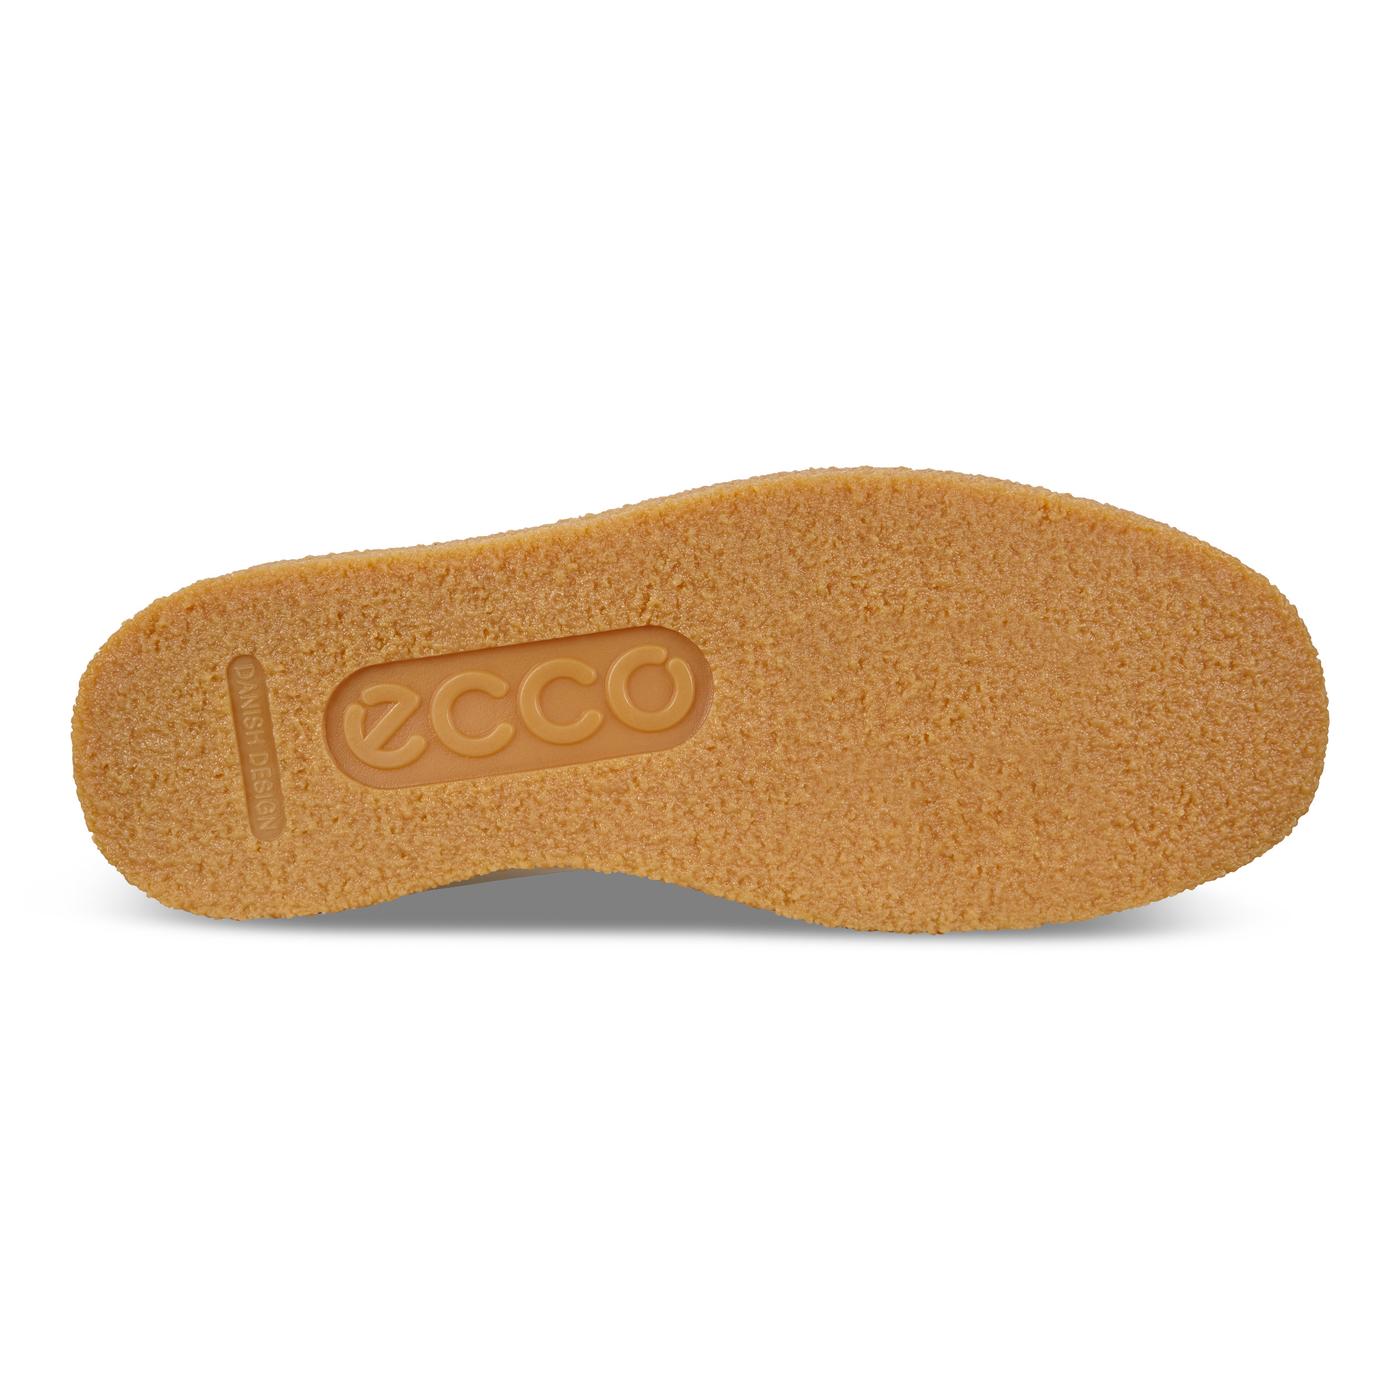 ECCO CREPETRAY Mens Sneaker Tie